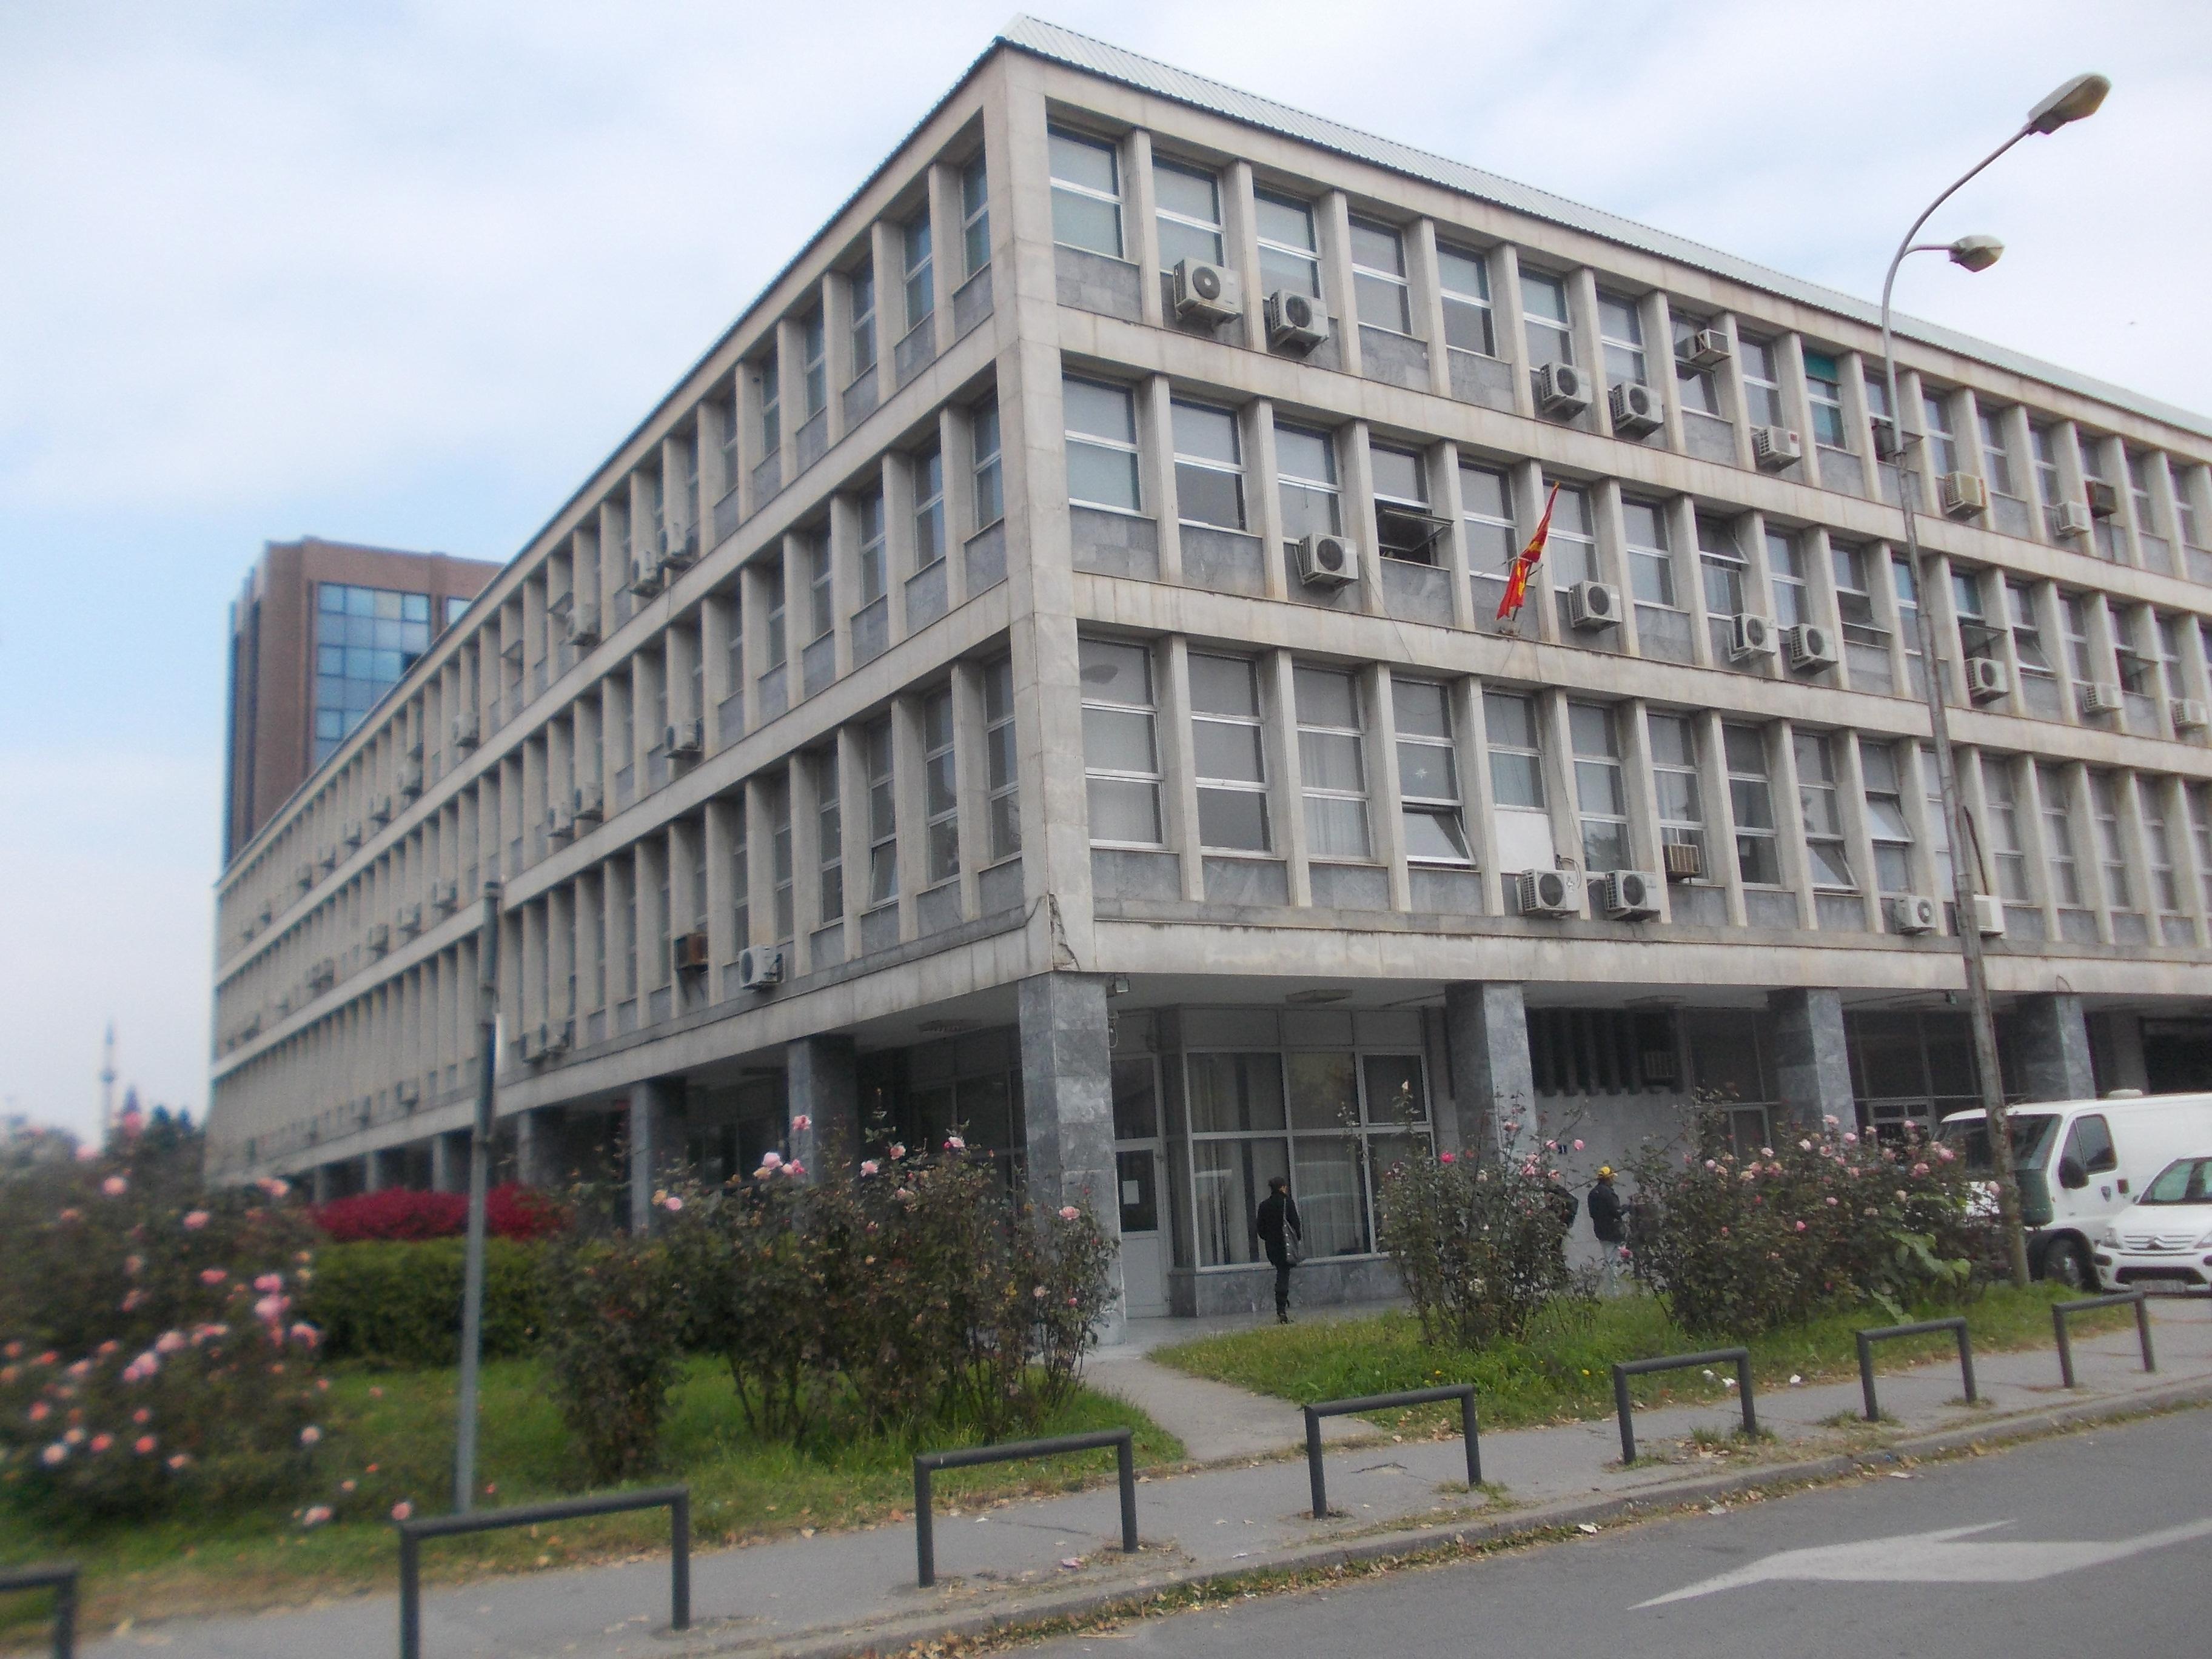 Пет седници во Апелација за жалби по обвиненијата на СЈО